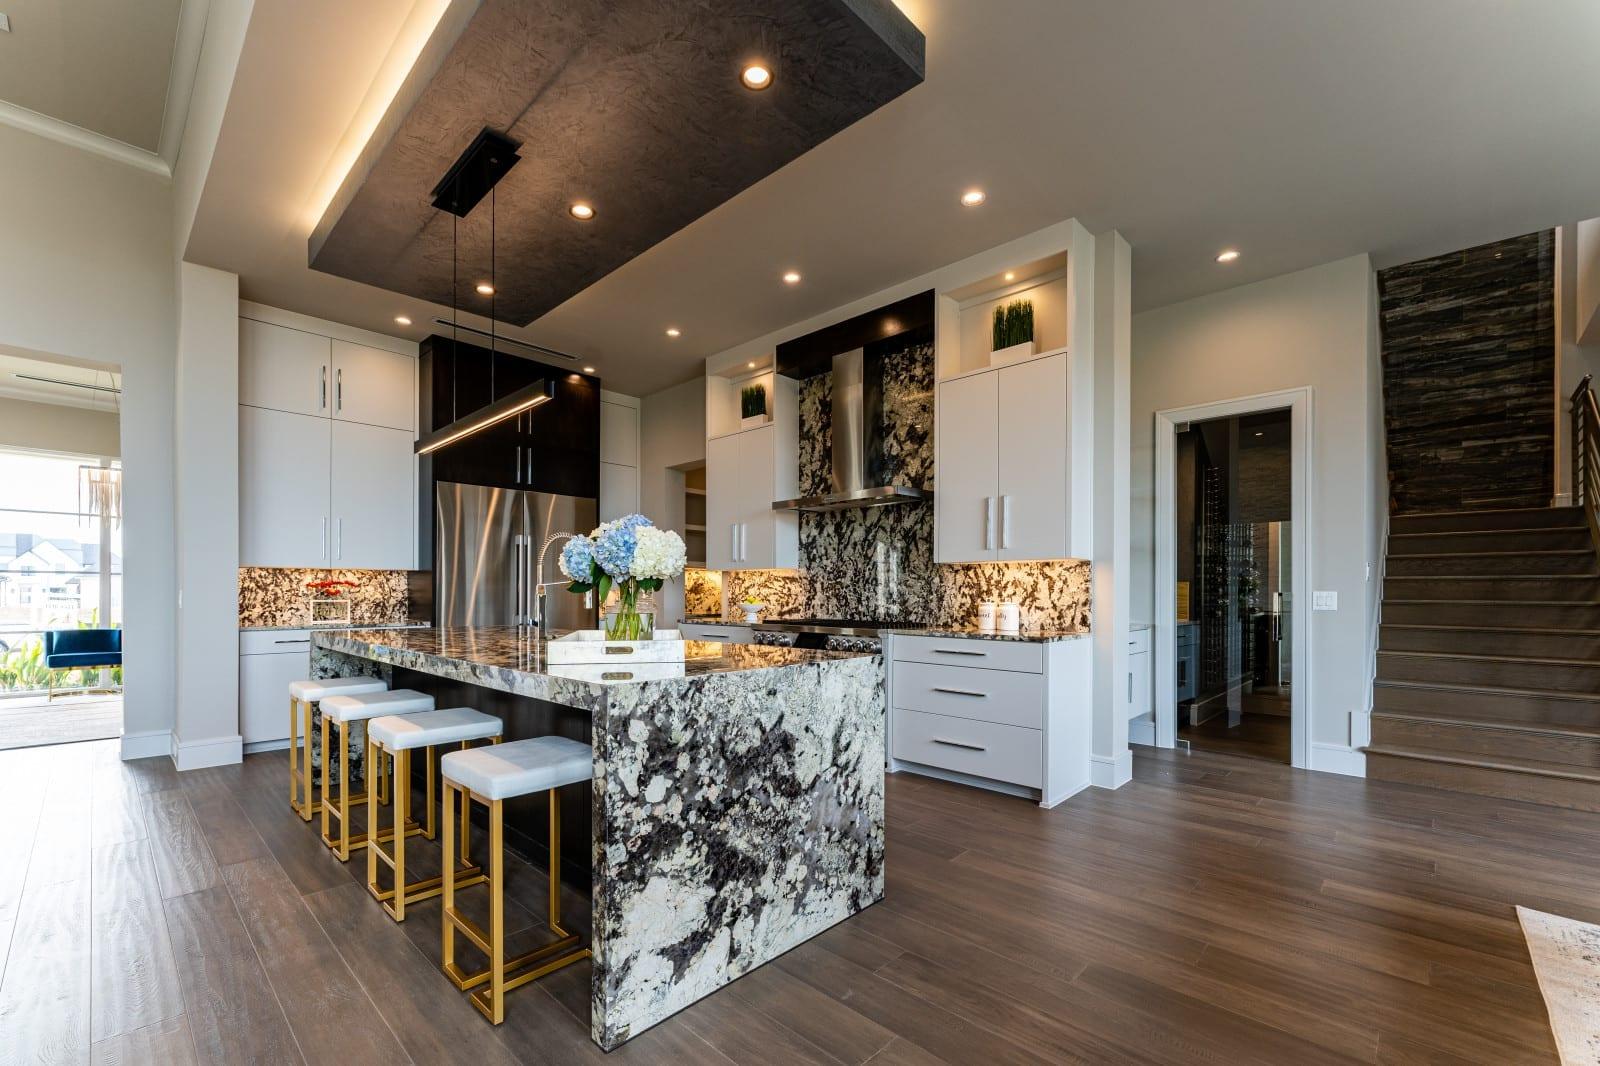 modern home design 12 - Millennial Design + Build